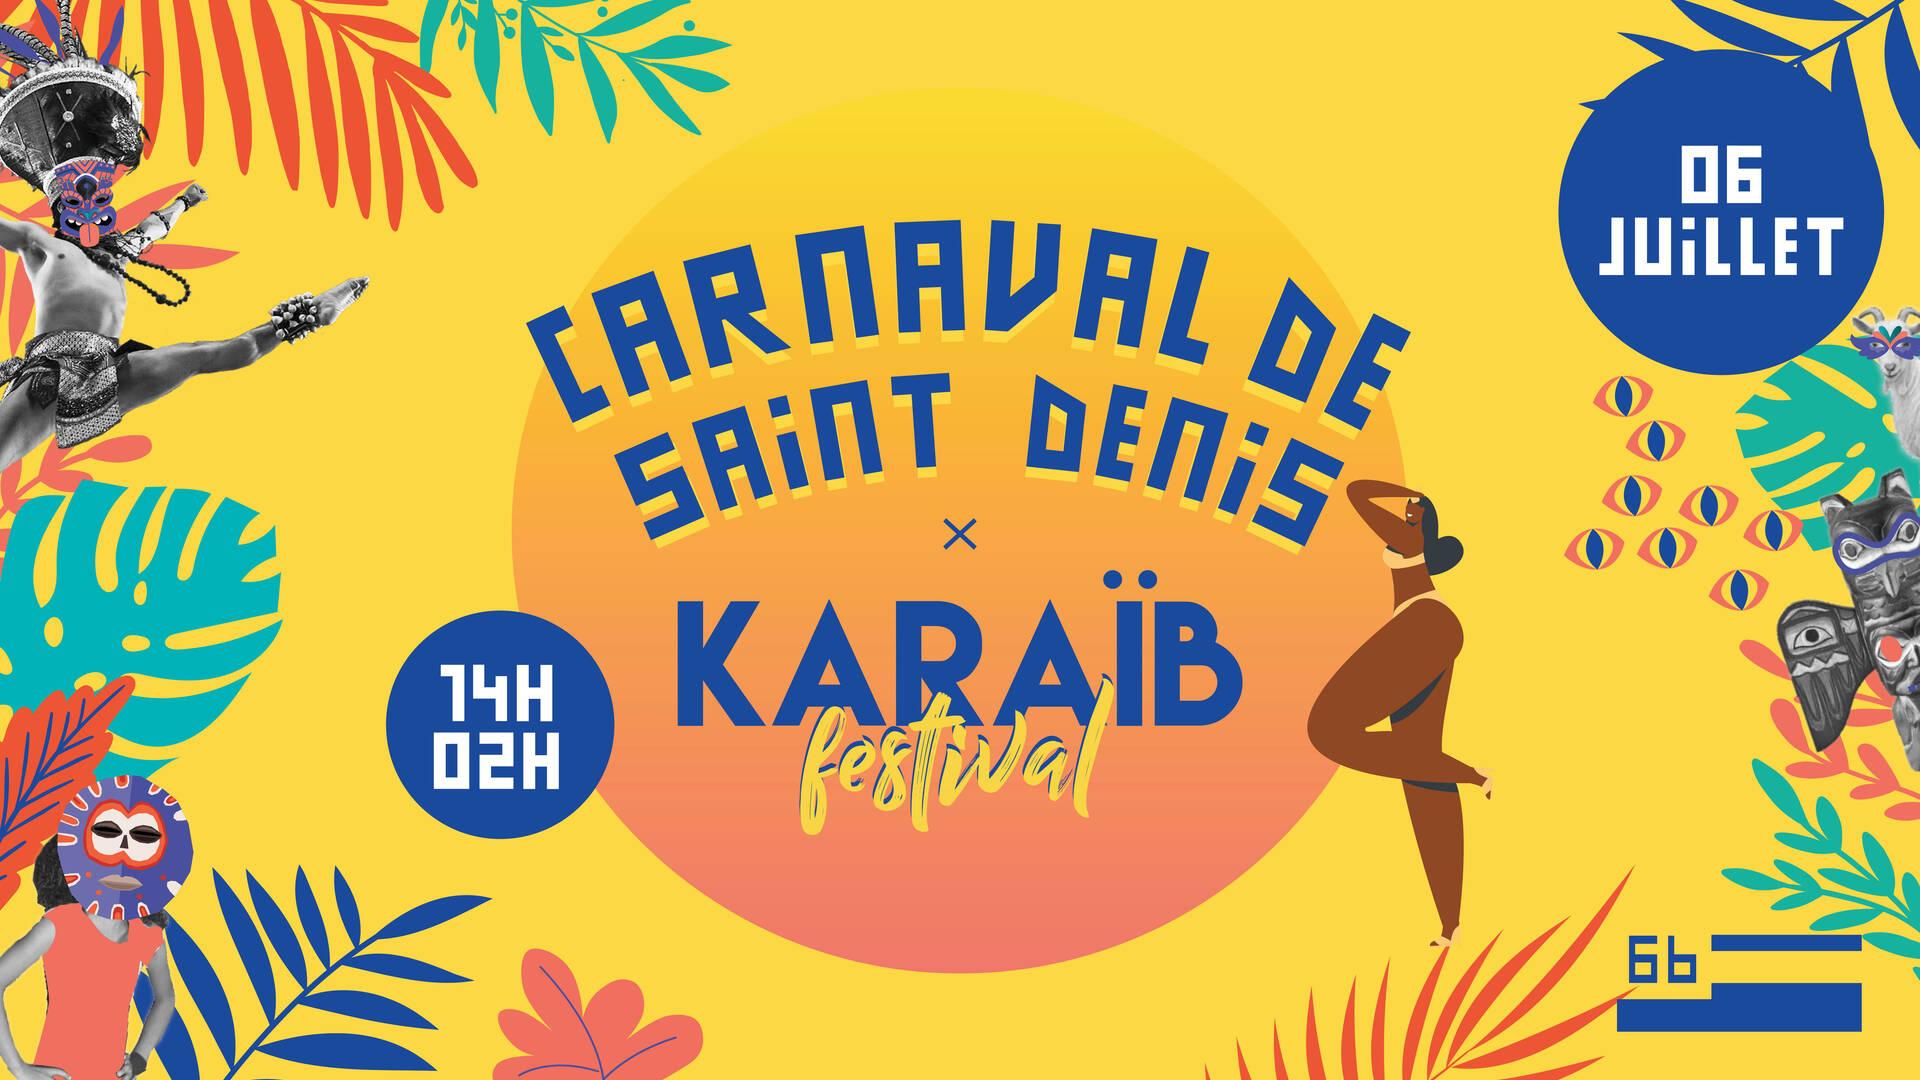 Carnaval de Saint-Denis - 6b - tourisme 93 - grand paris nord - plaine commune grand paris